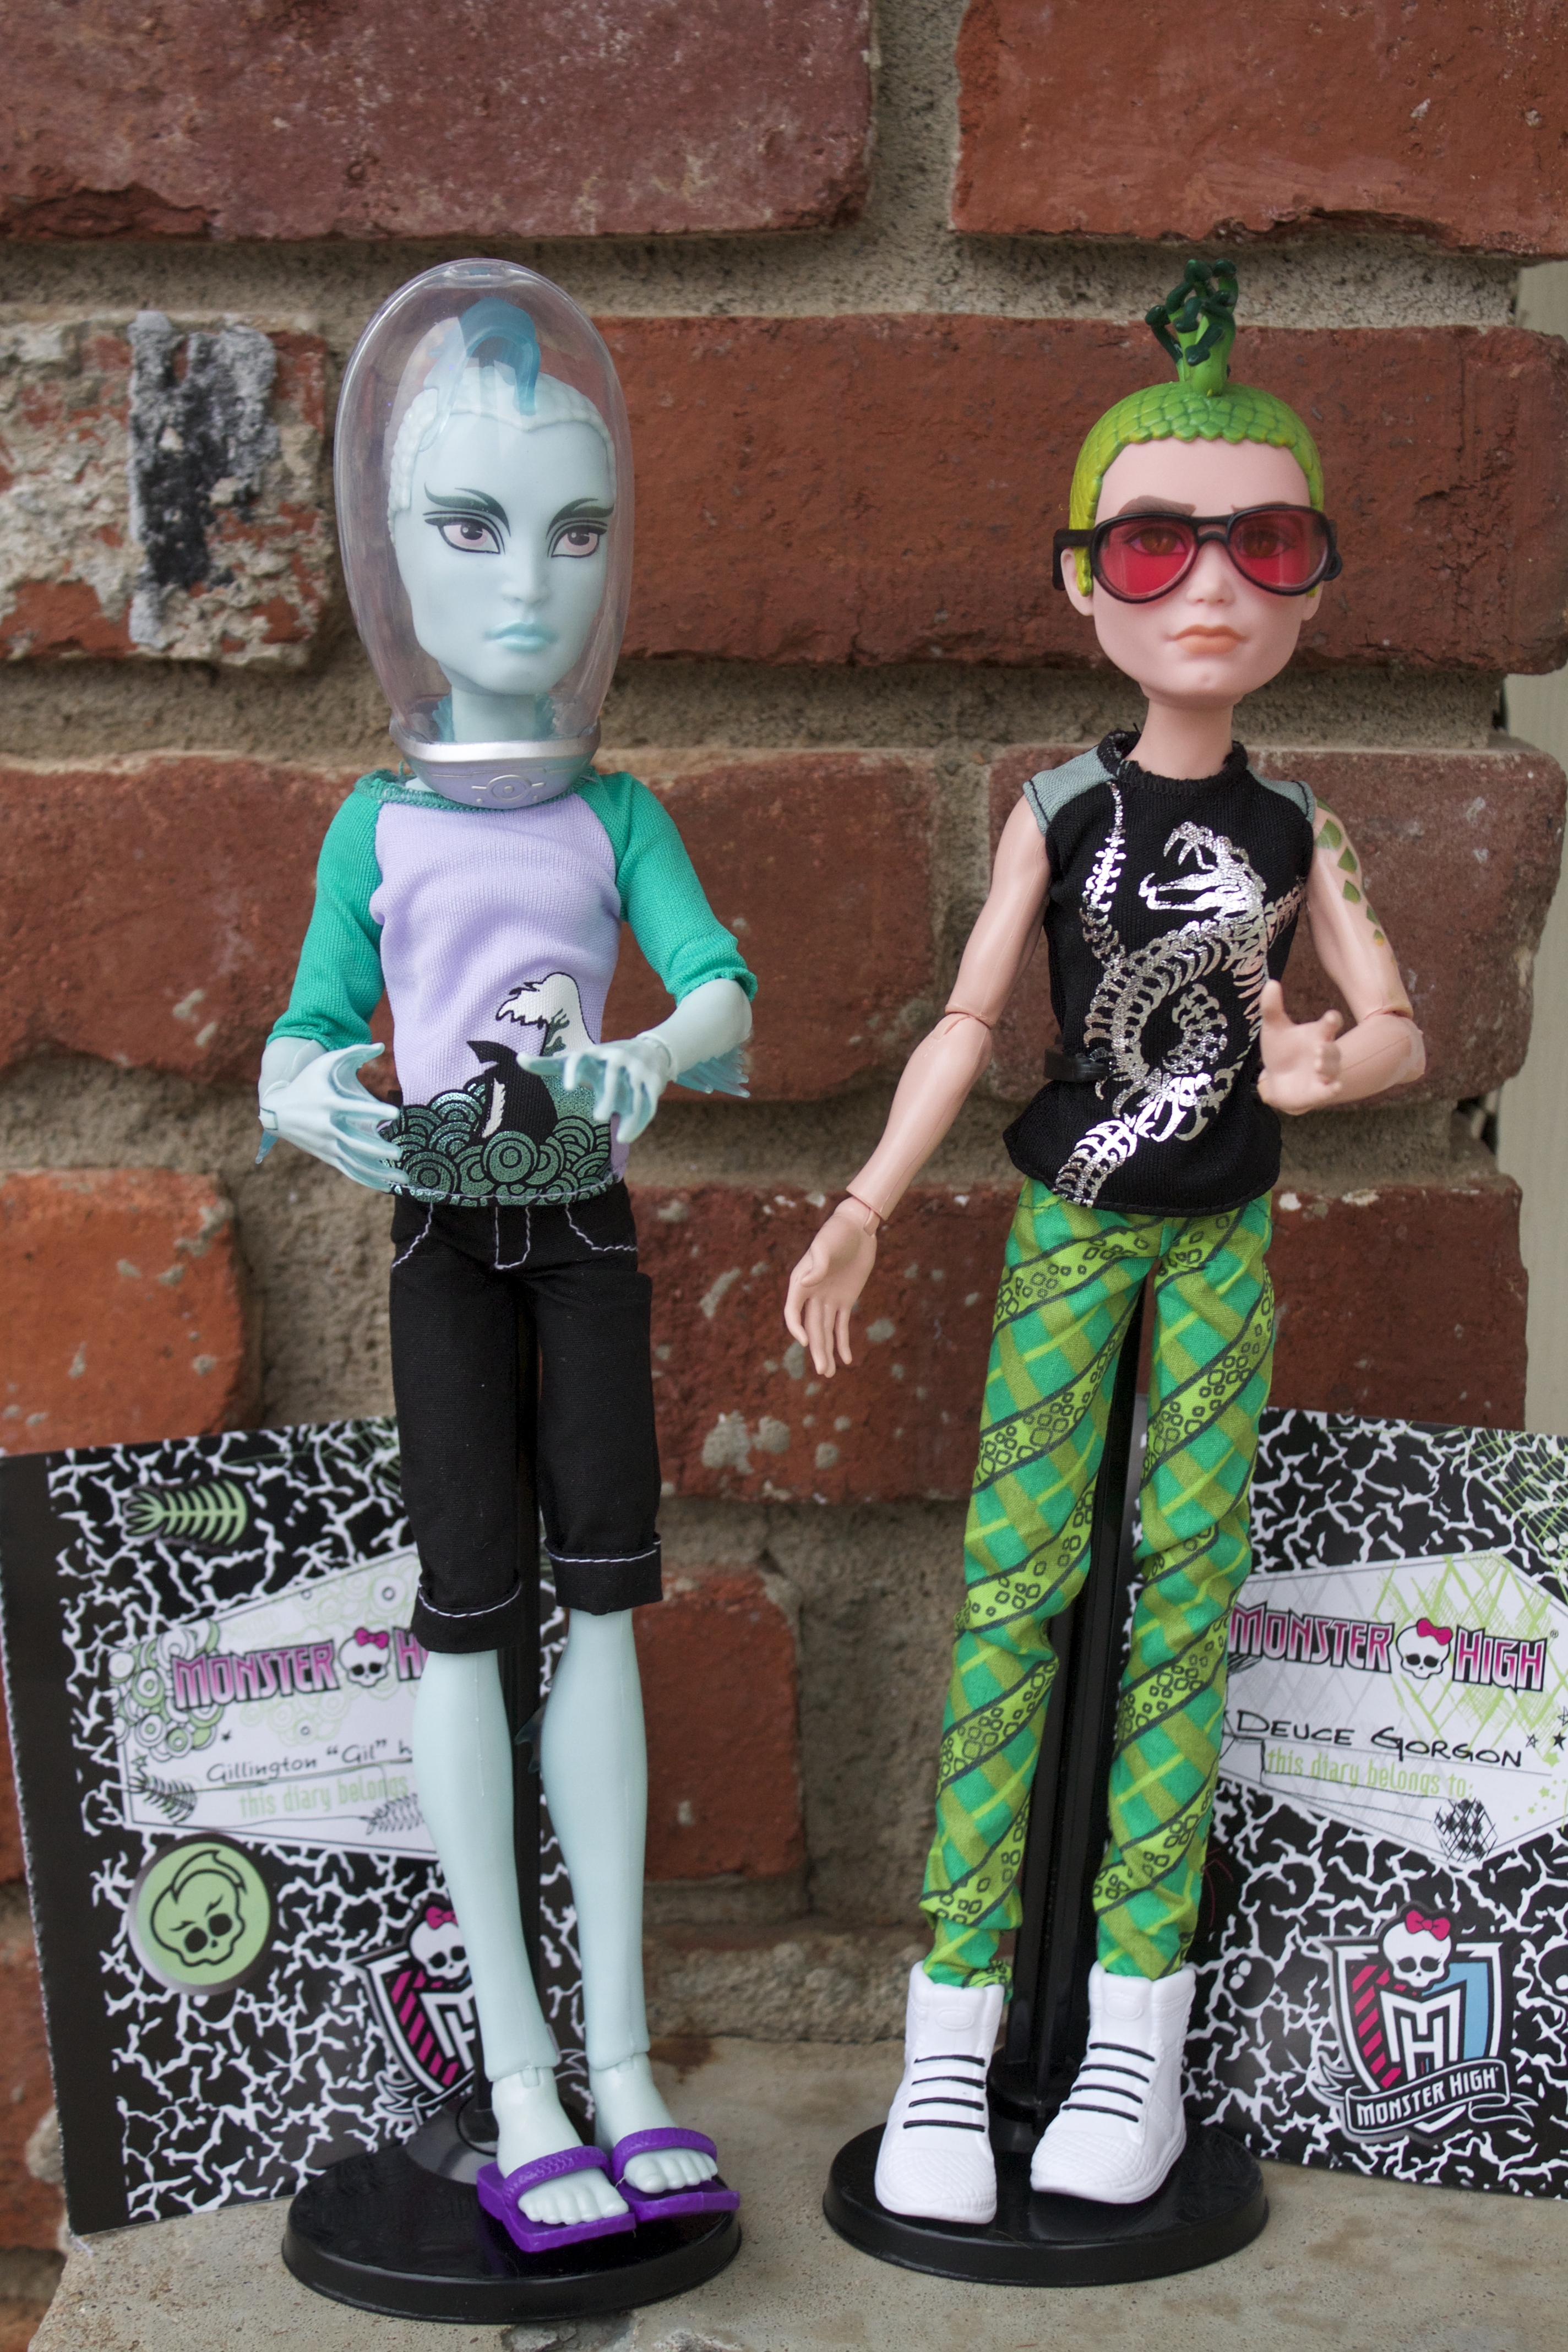 monster maker-monster high boy dolls